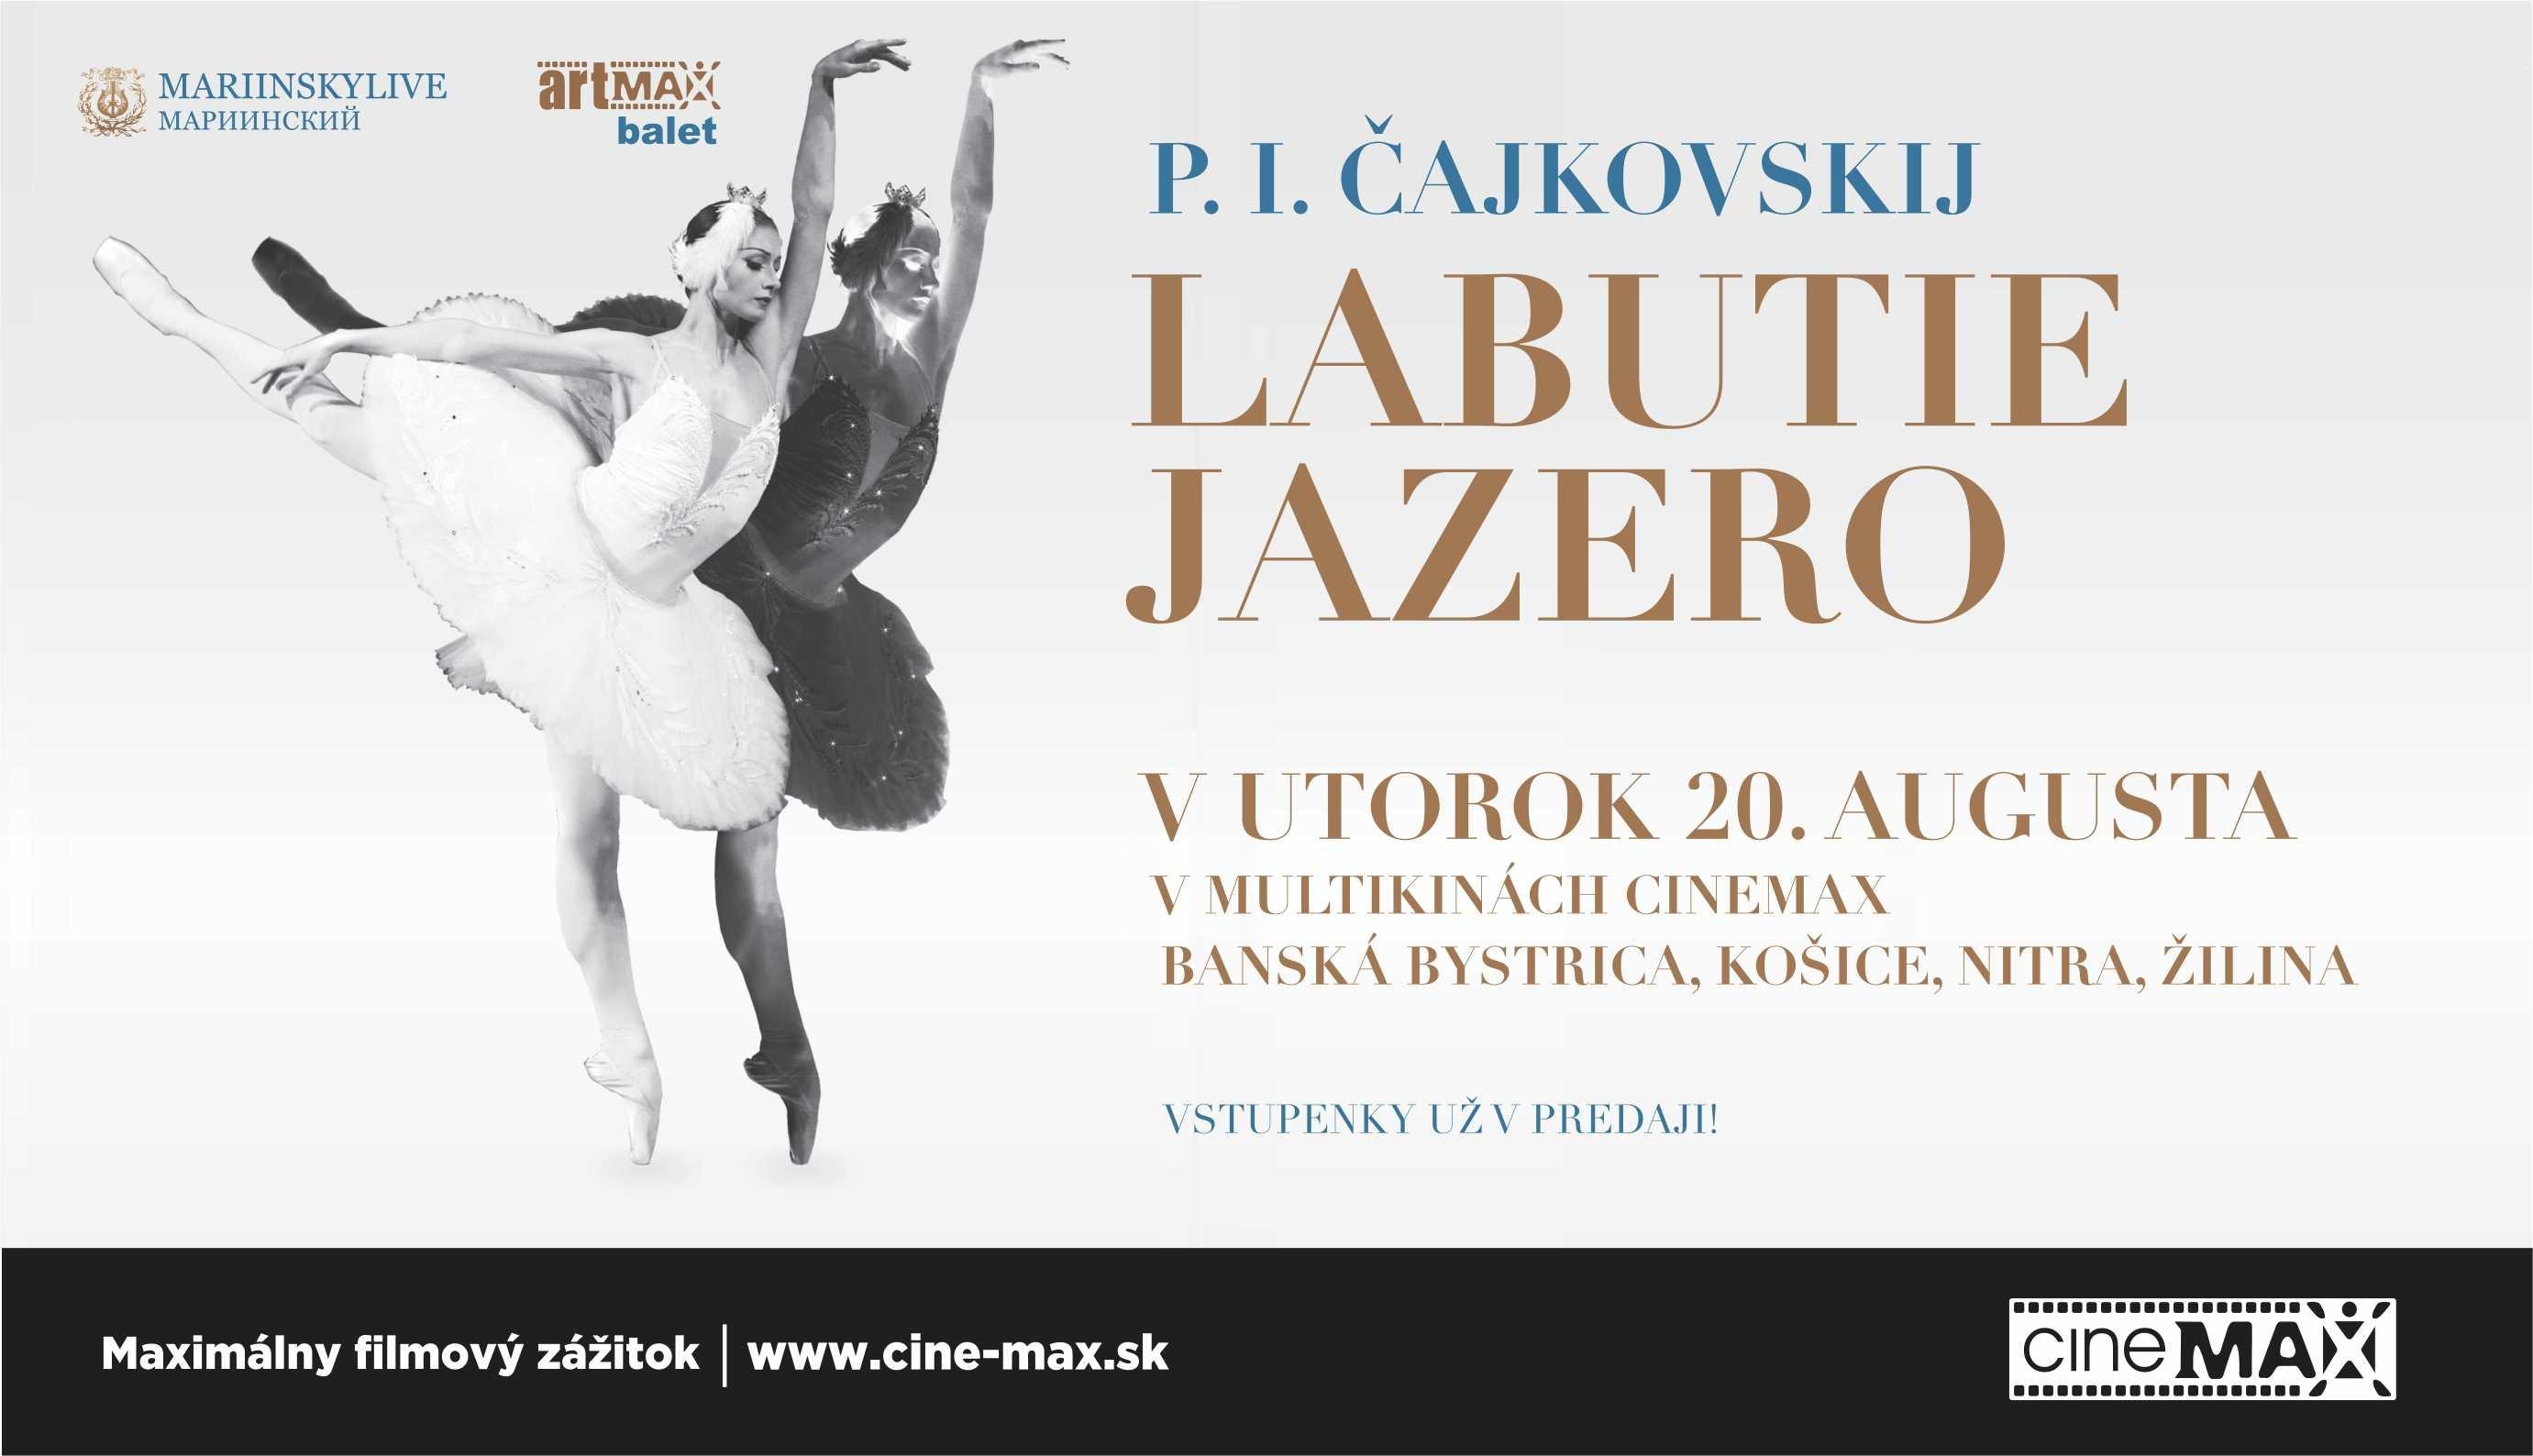 83aaa1984 Priame prenosy a záznamy z opery a baletu Z Royal Opera House v Londýne a  Mariinsky theatre v Petrohrade.